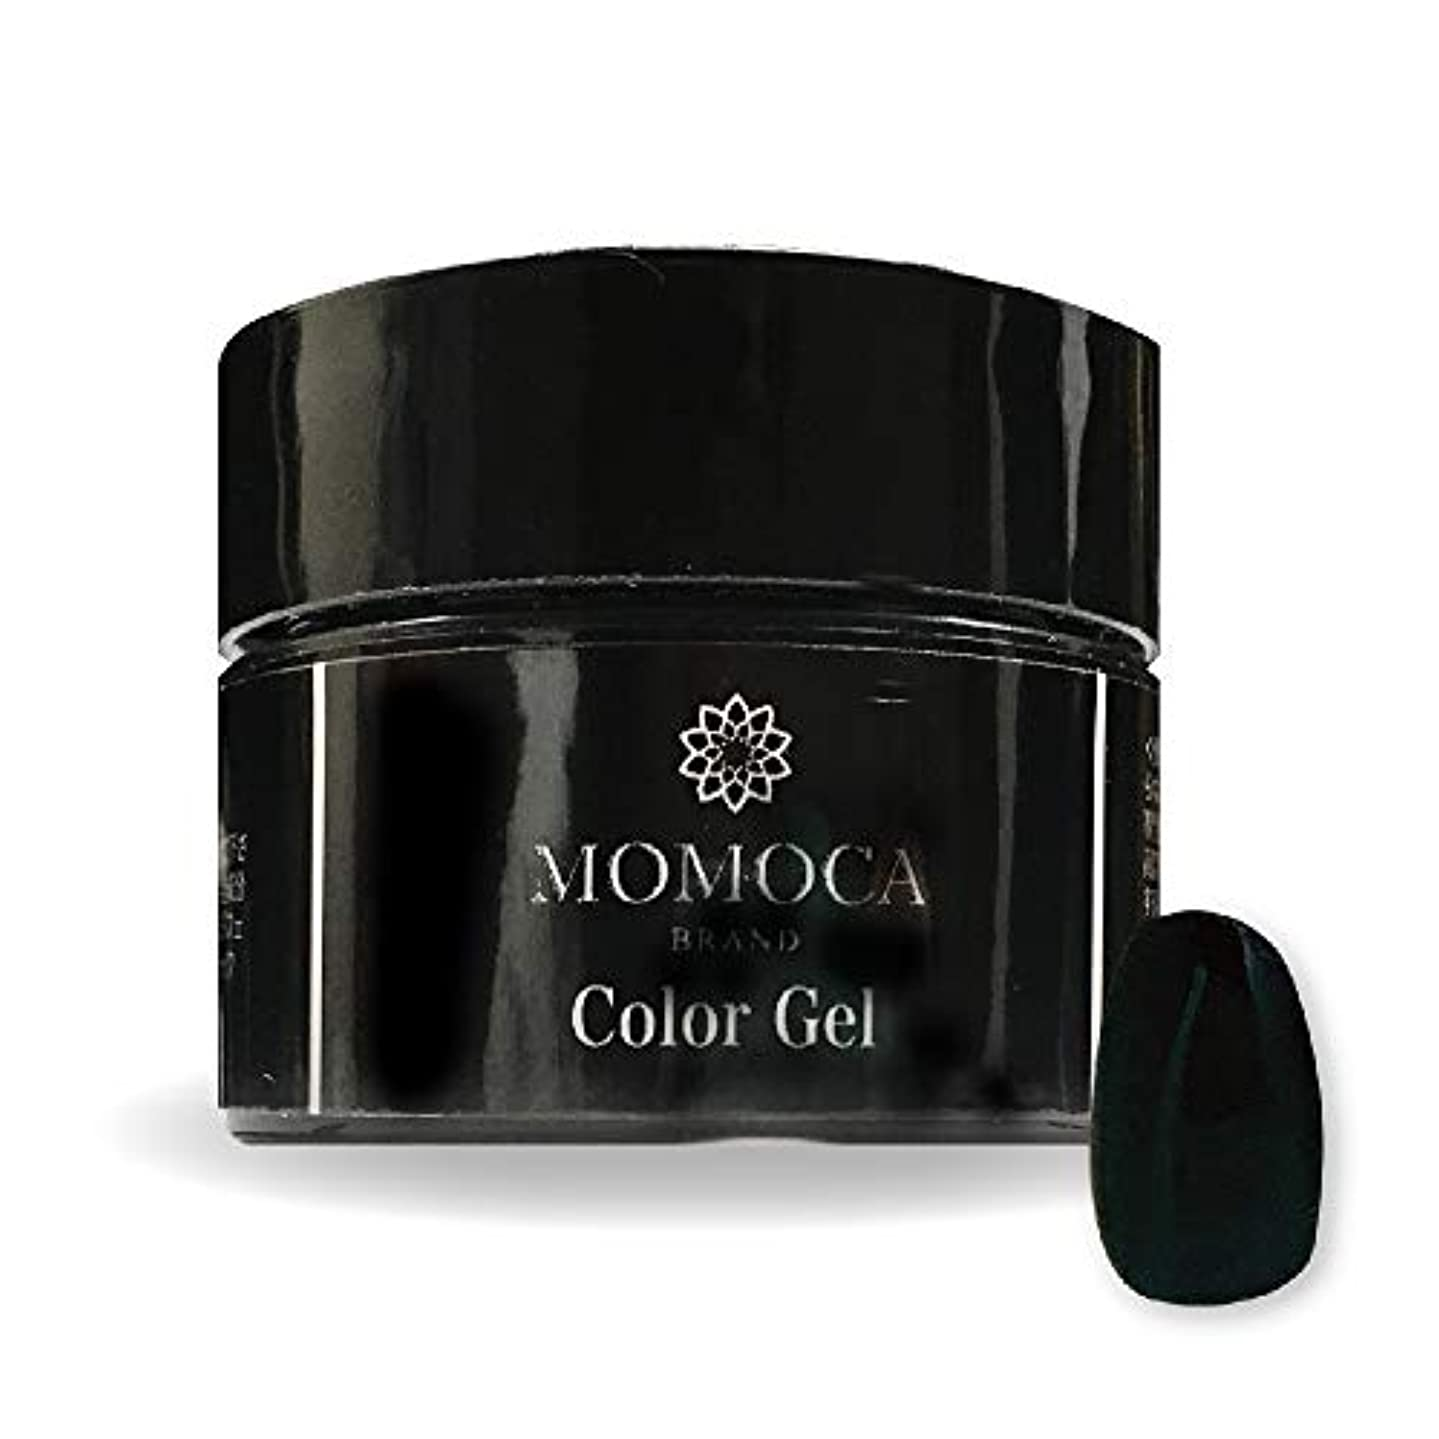 略す放棄するドリンクMOMOCA モモカ ジェルネイル サロン品質 高発色 長持ち プロ仕様 ネイルサロン ネイリスト (006M Satin black サテンブラック)